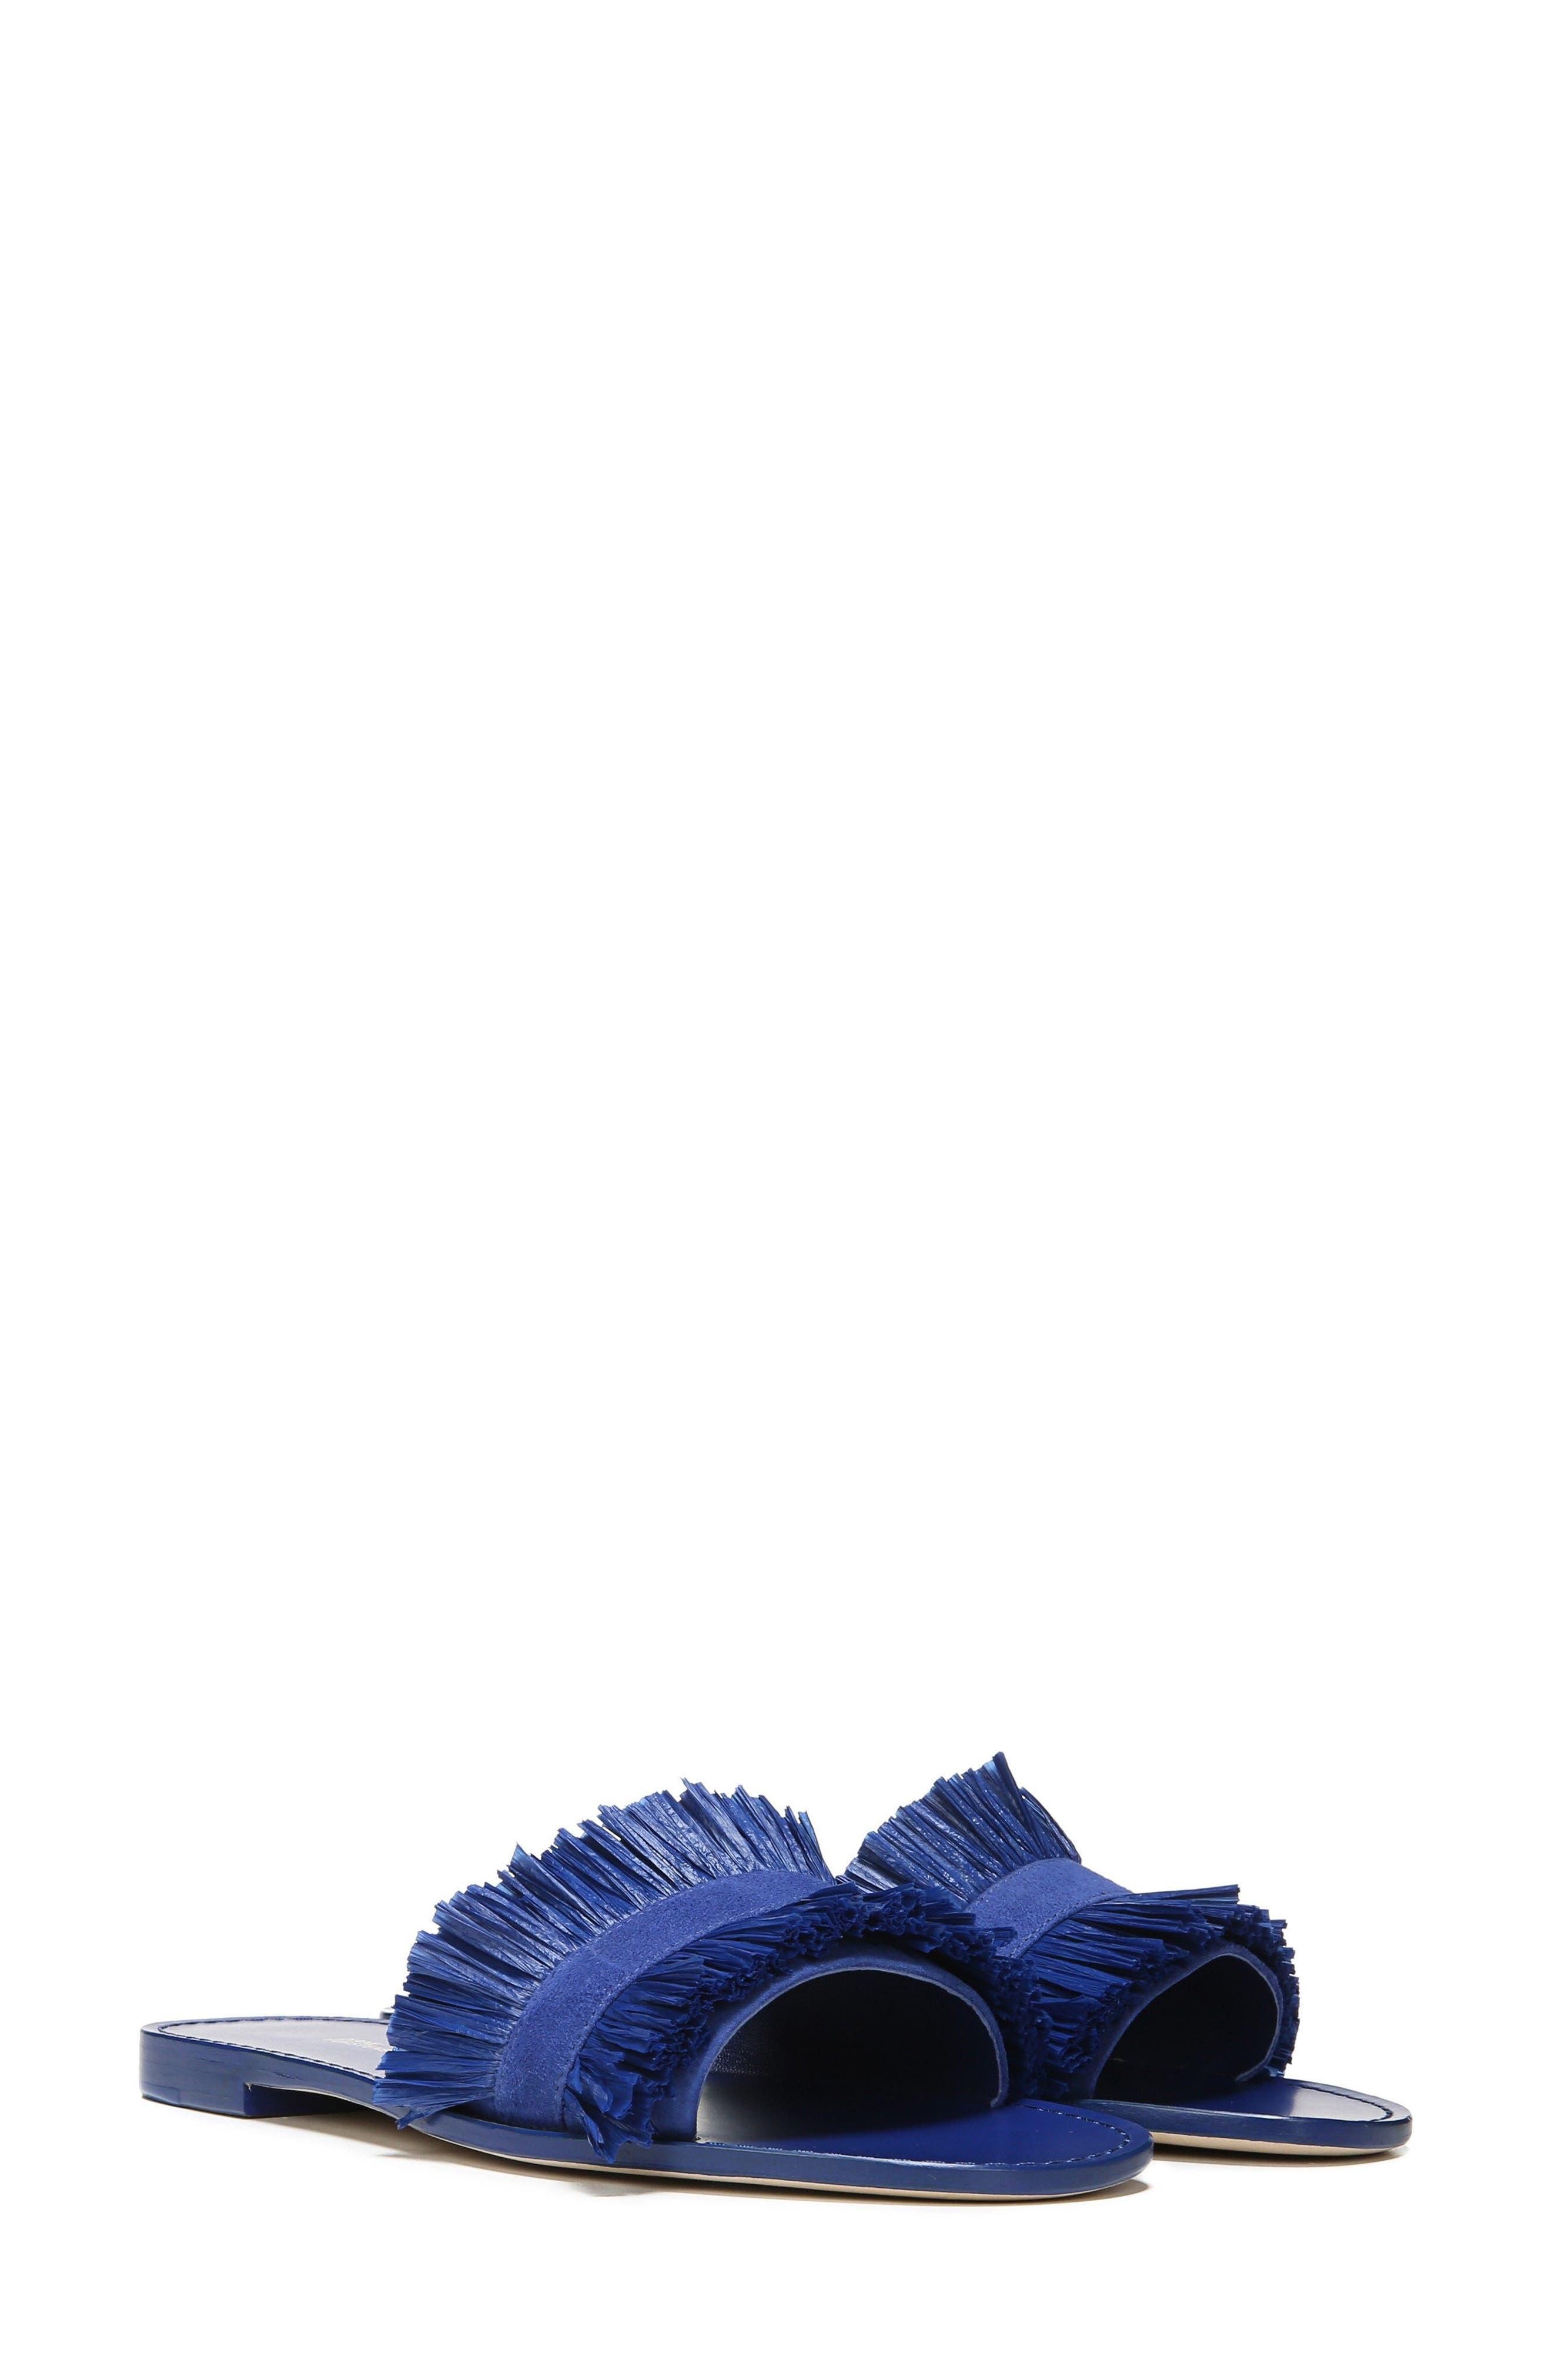 Eilat Slide Sandal,                             Alternate thumbnail 14, color,